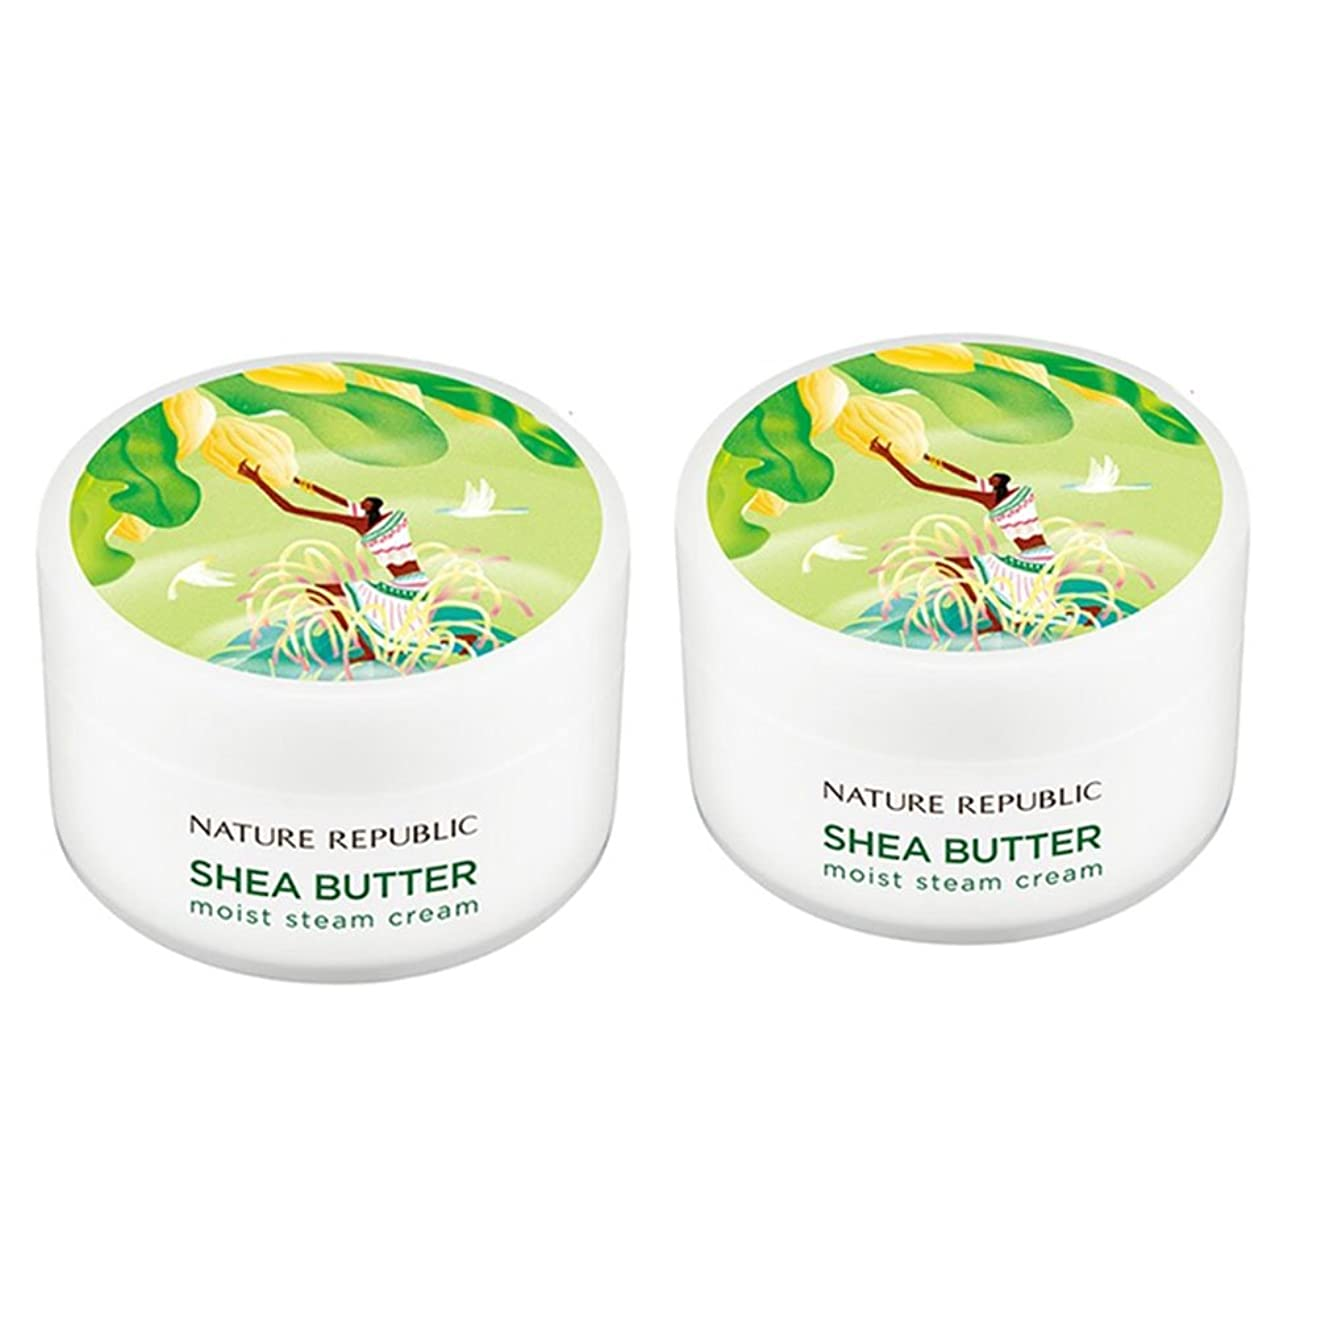 静脈修正する自我ネイチャーリパブリック(NATURE REPUBLIC)シェアバターモイストスチームクリーム100mlx 2本セット NATURE REPUBLIC Shea Butter Moist Steam Cream 100mlx 2ea Set[ 並行輸入品]